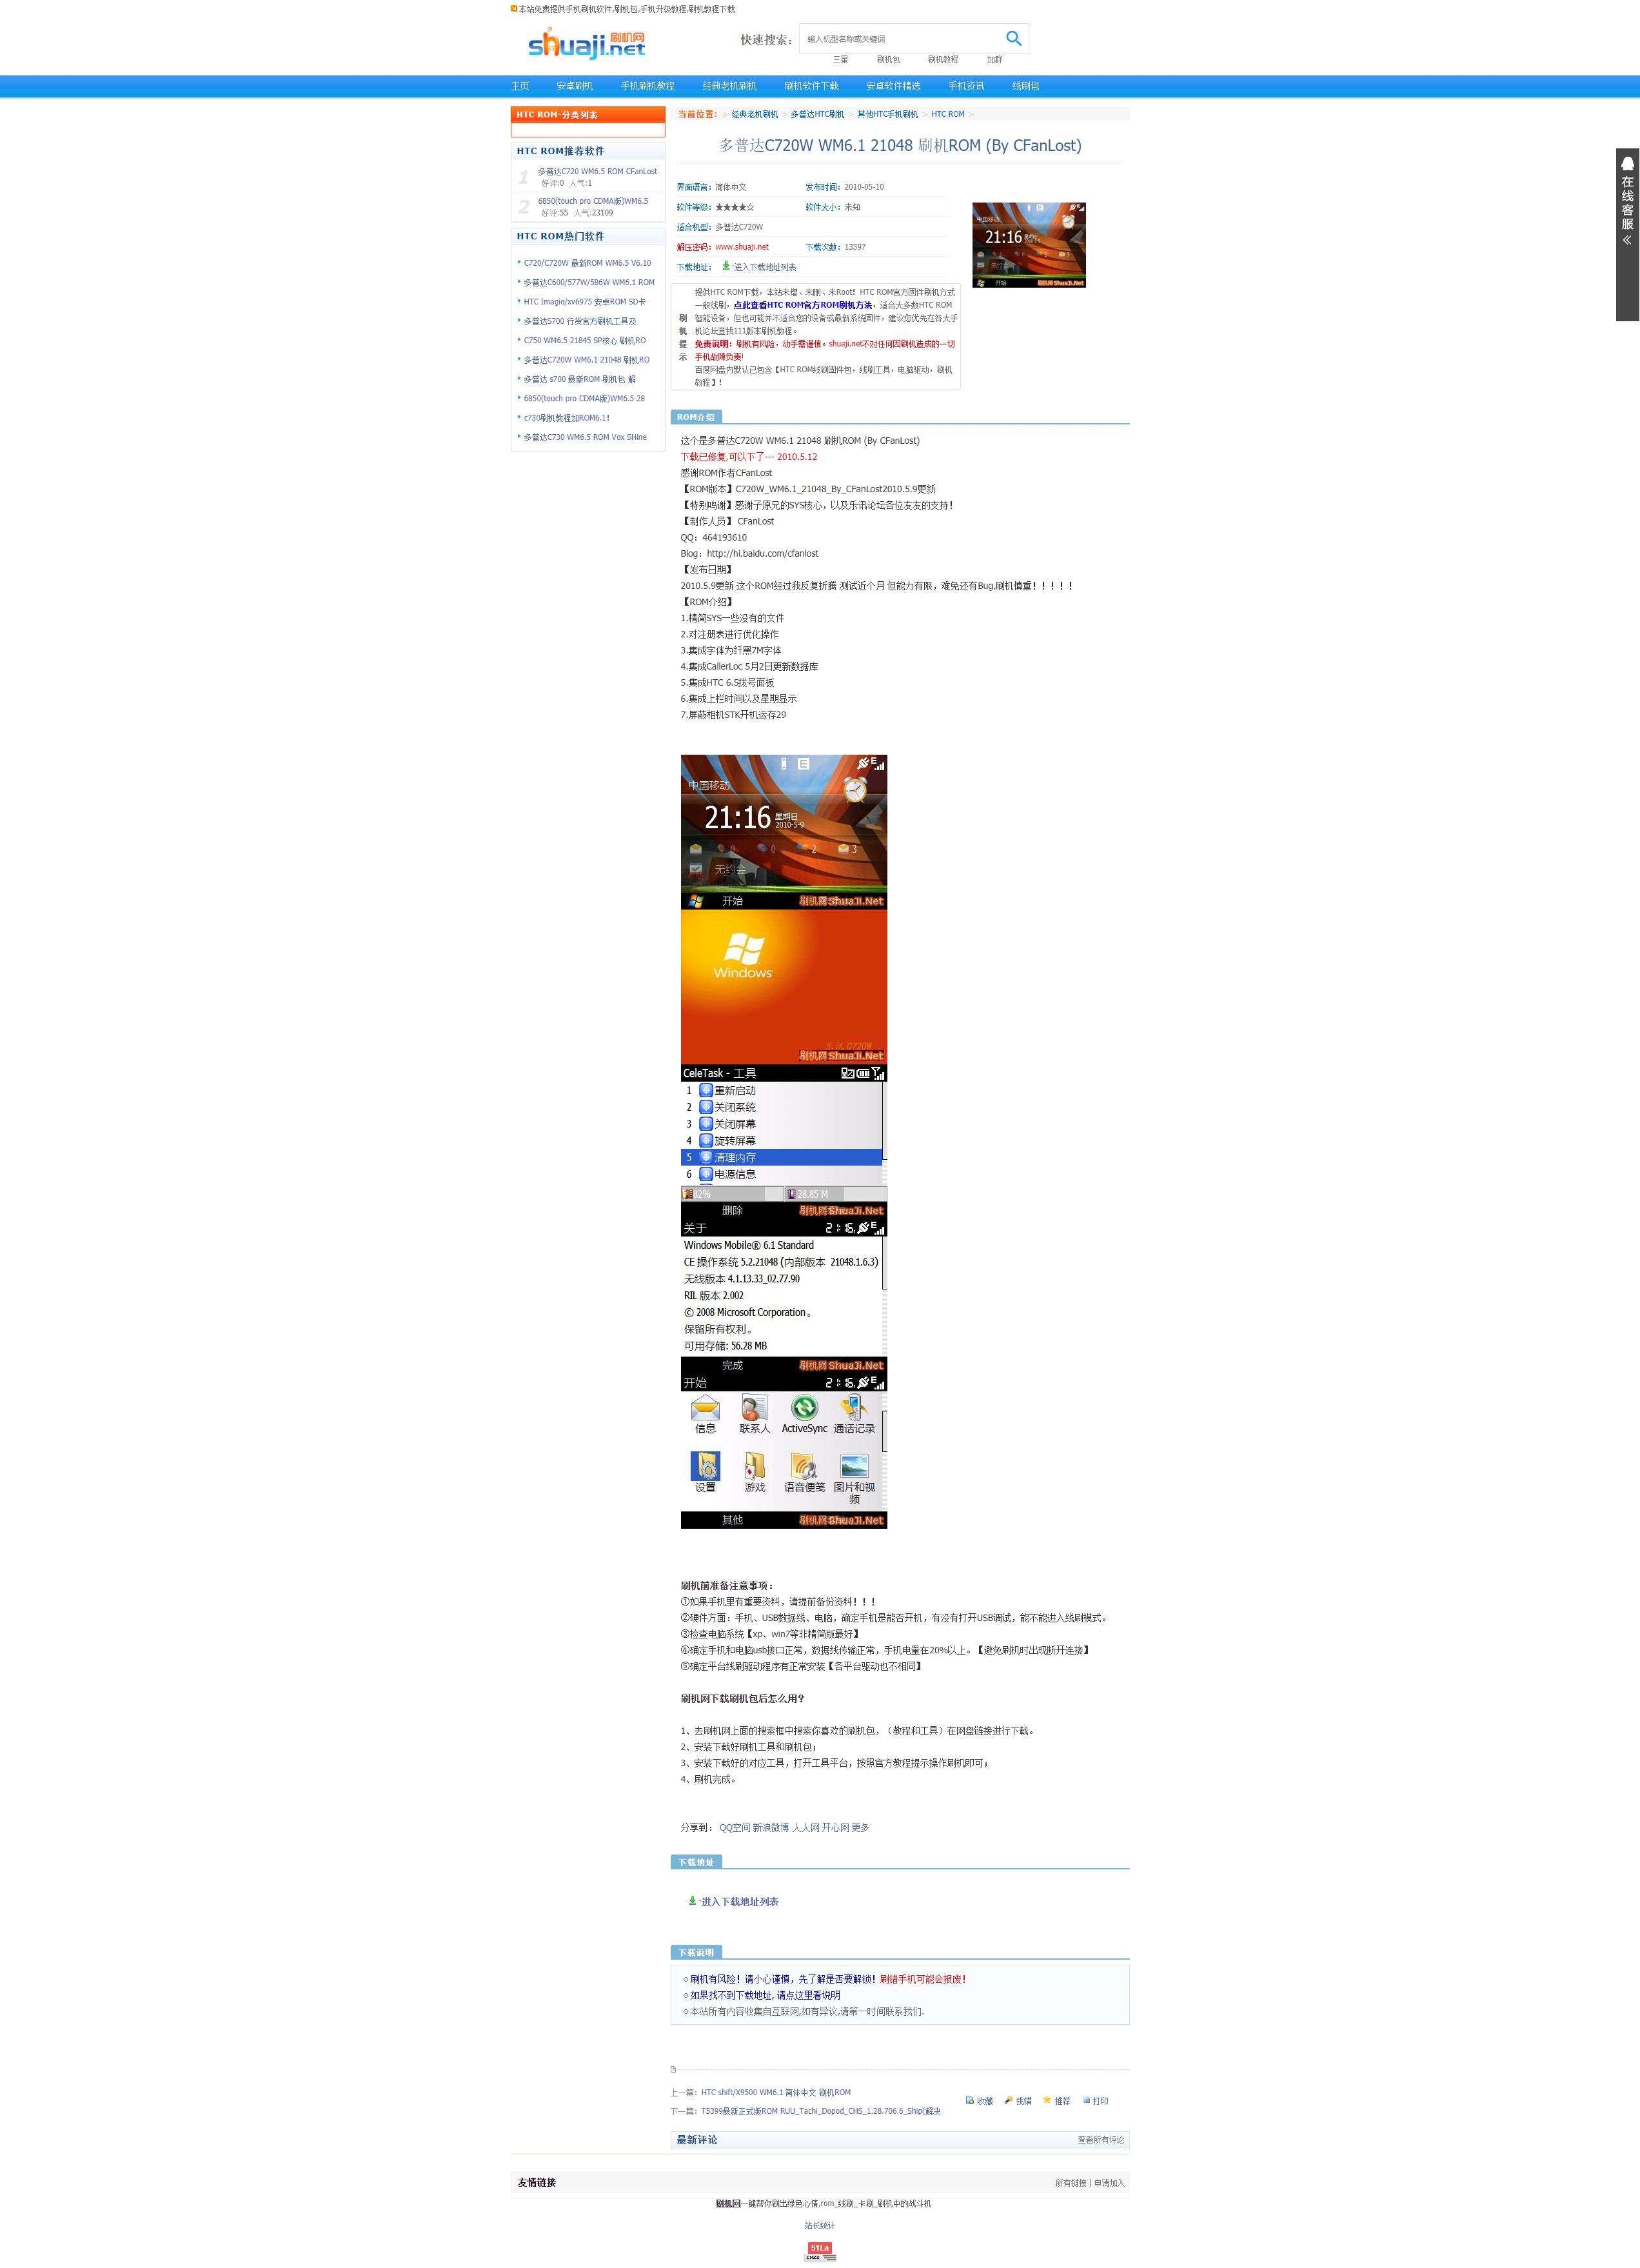 www.shuaji.net_rom_dopod_HTC_qita_HTC_ROM_201005103773.html.png